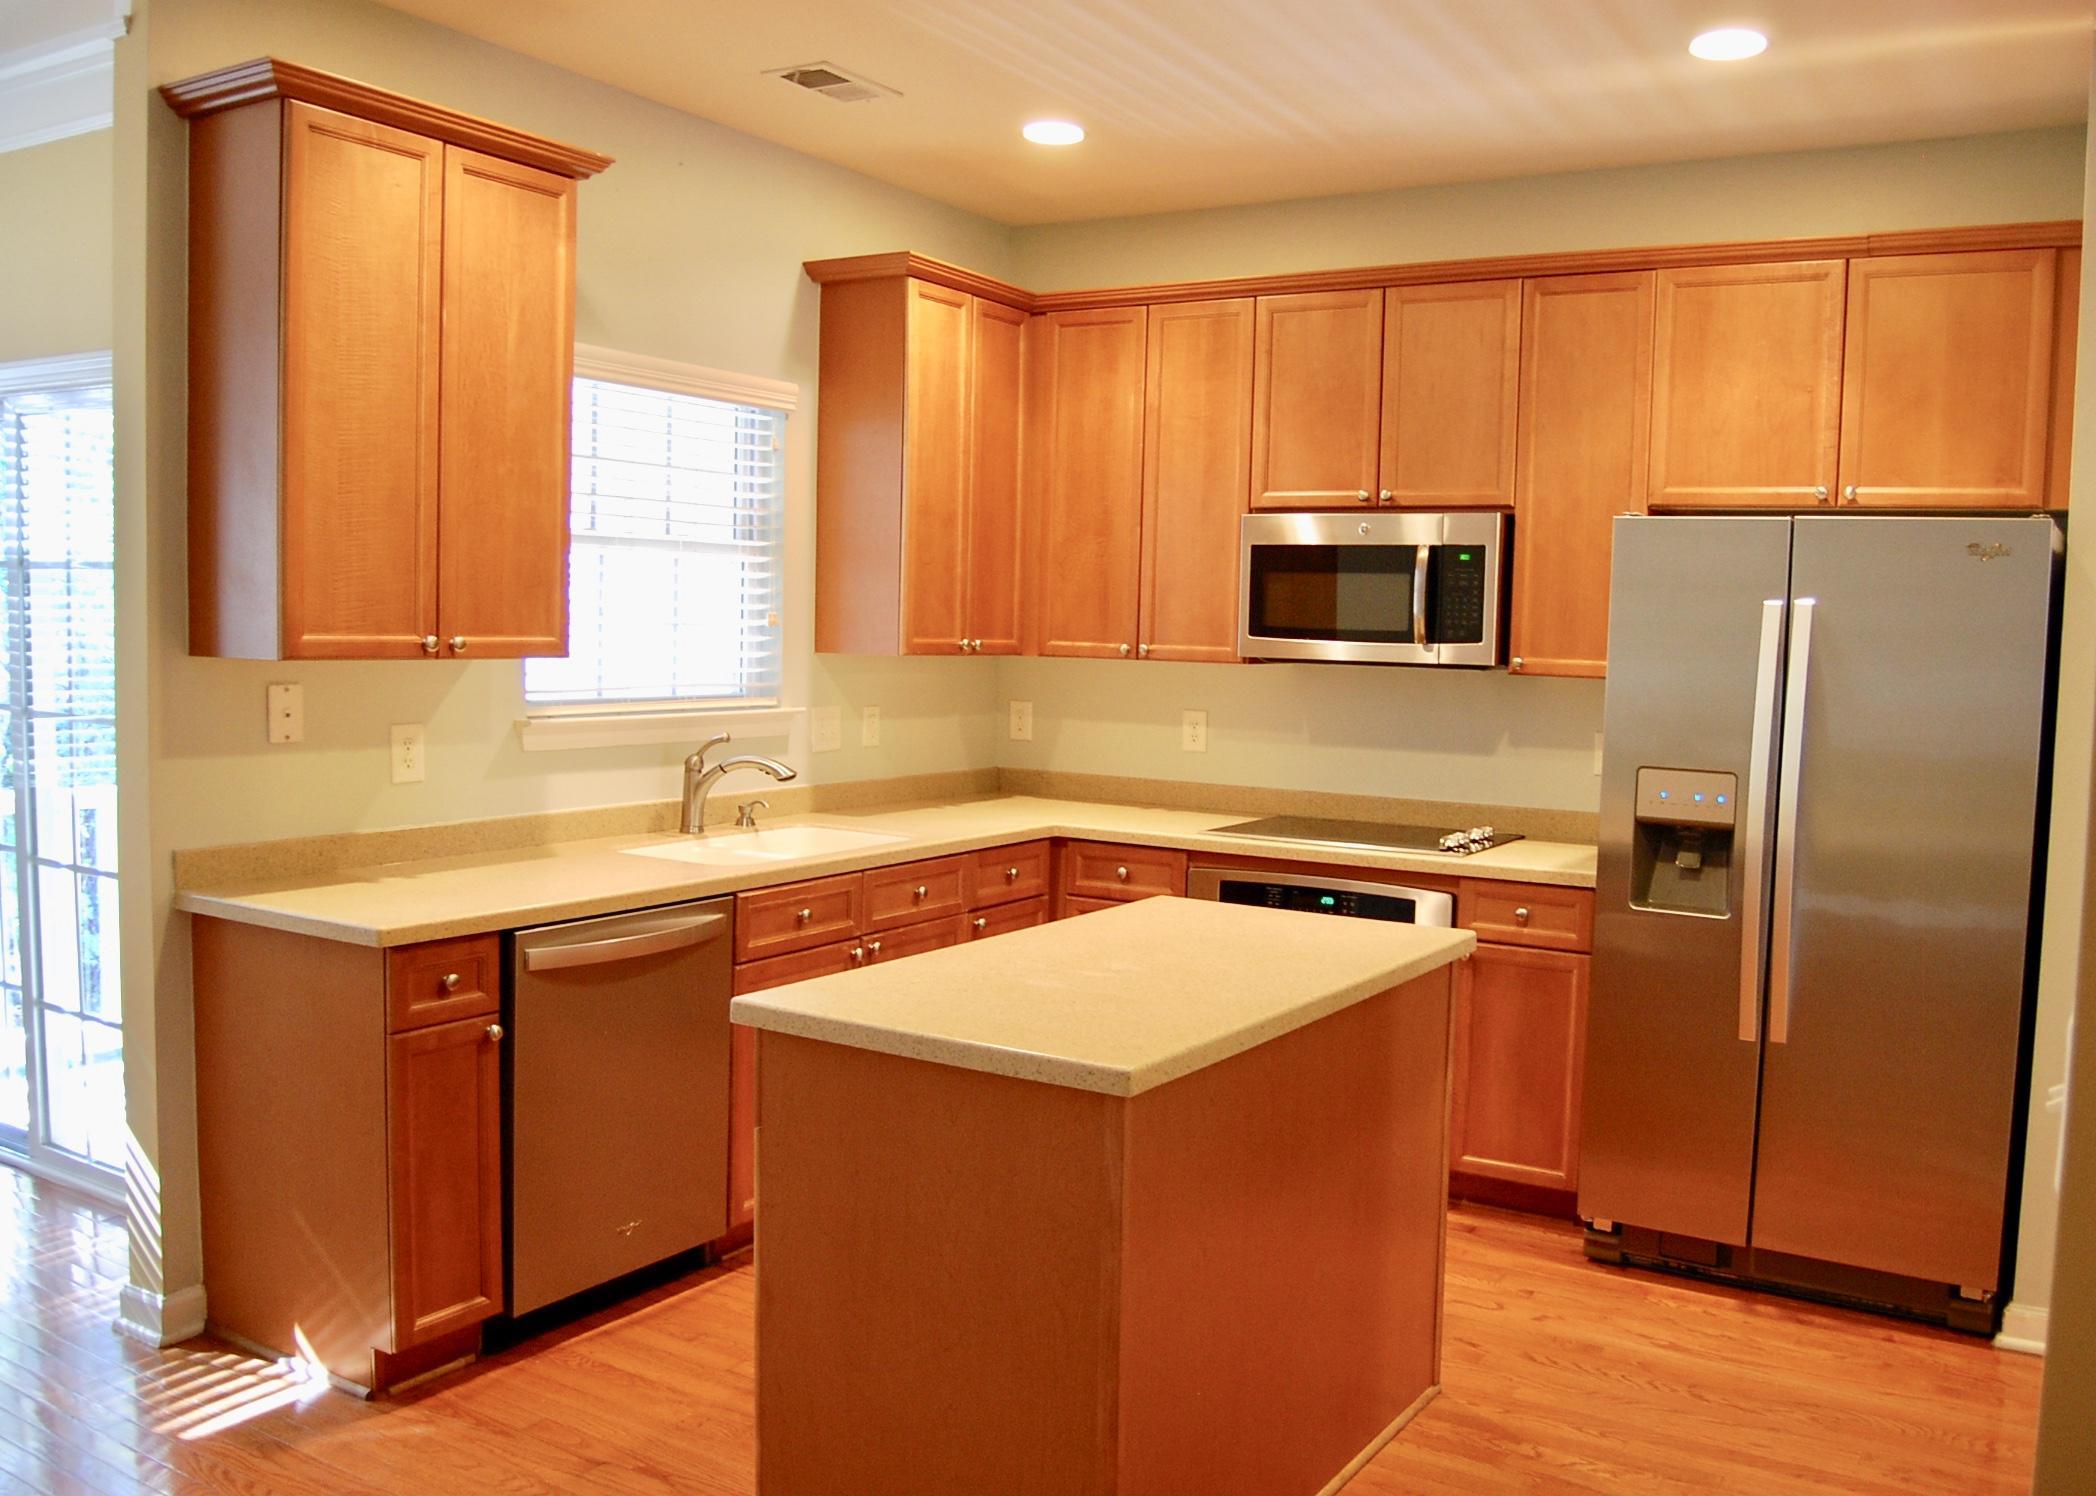 Park West Homes For Sale - 3529 Claremont, Mount Pleasant, SC - 6